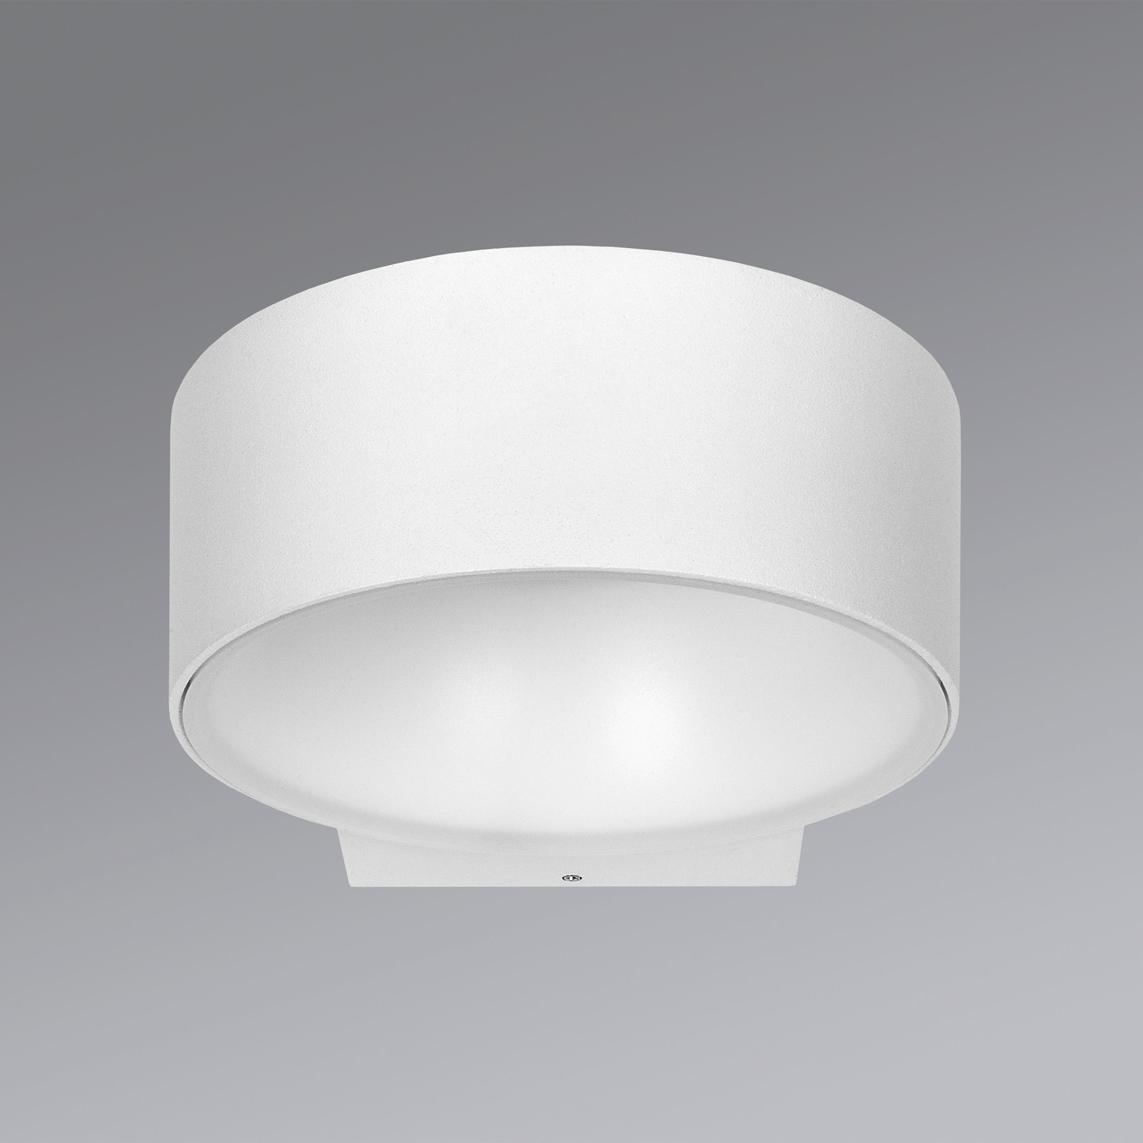 WL 140 - LED Aussenleuchte